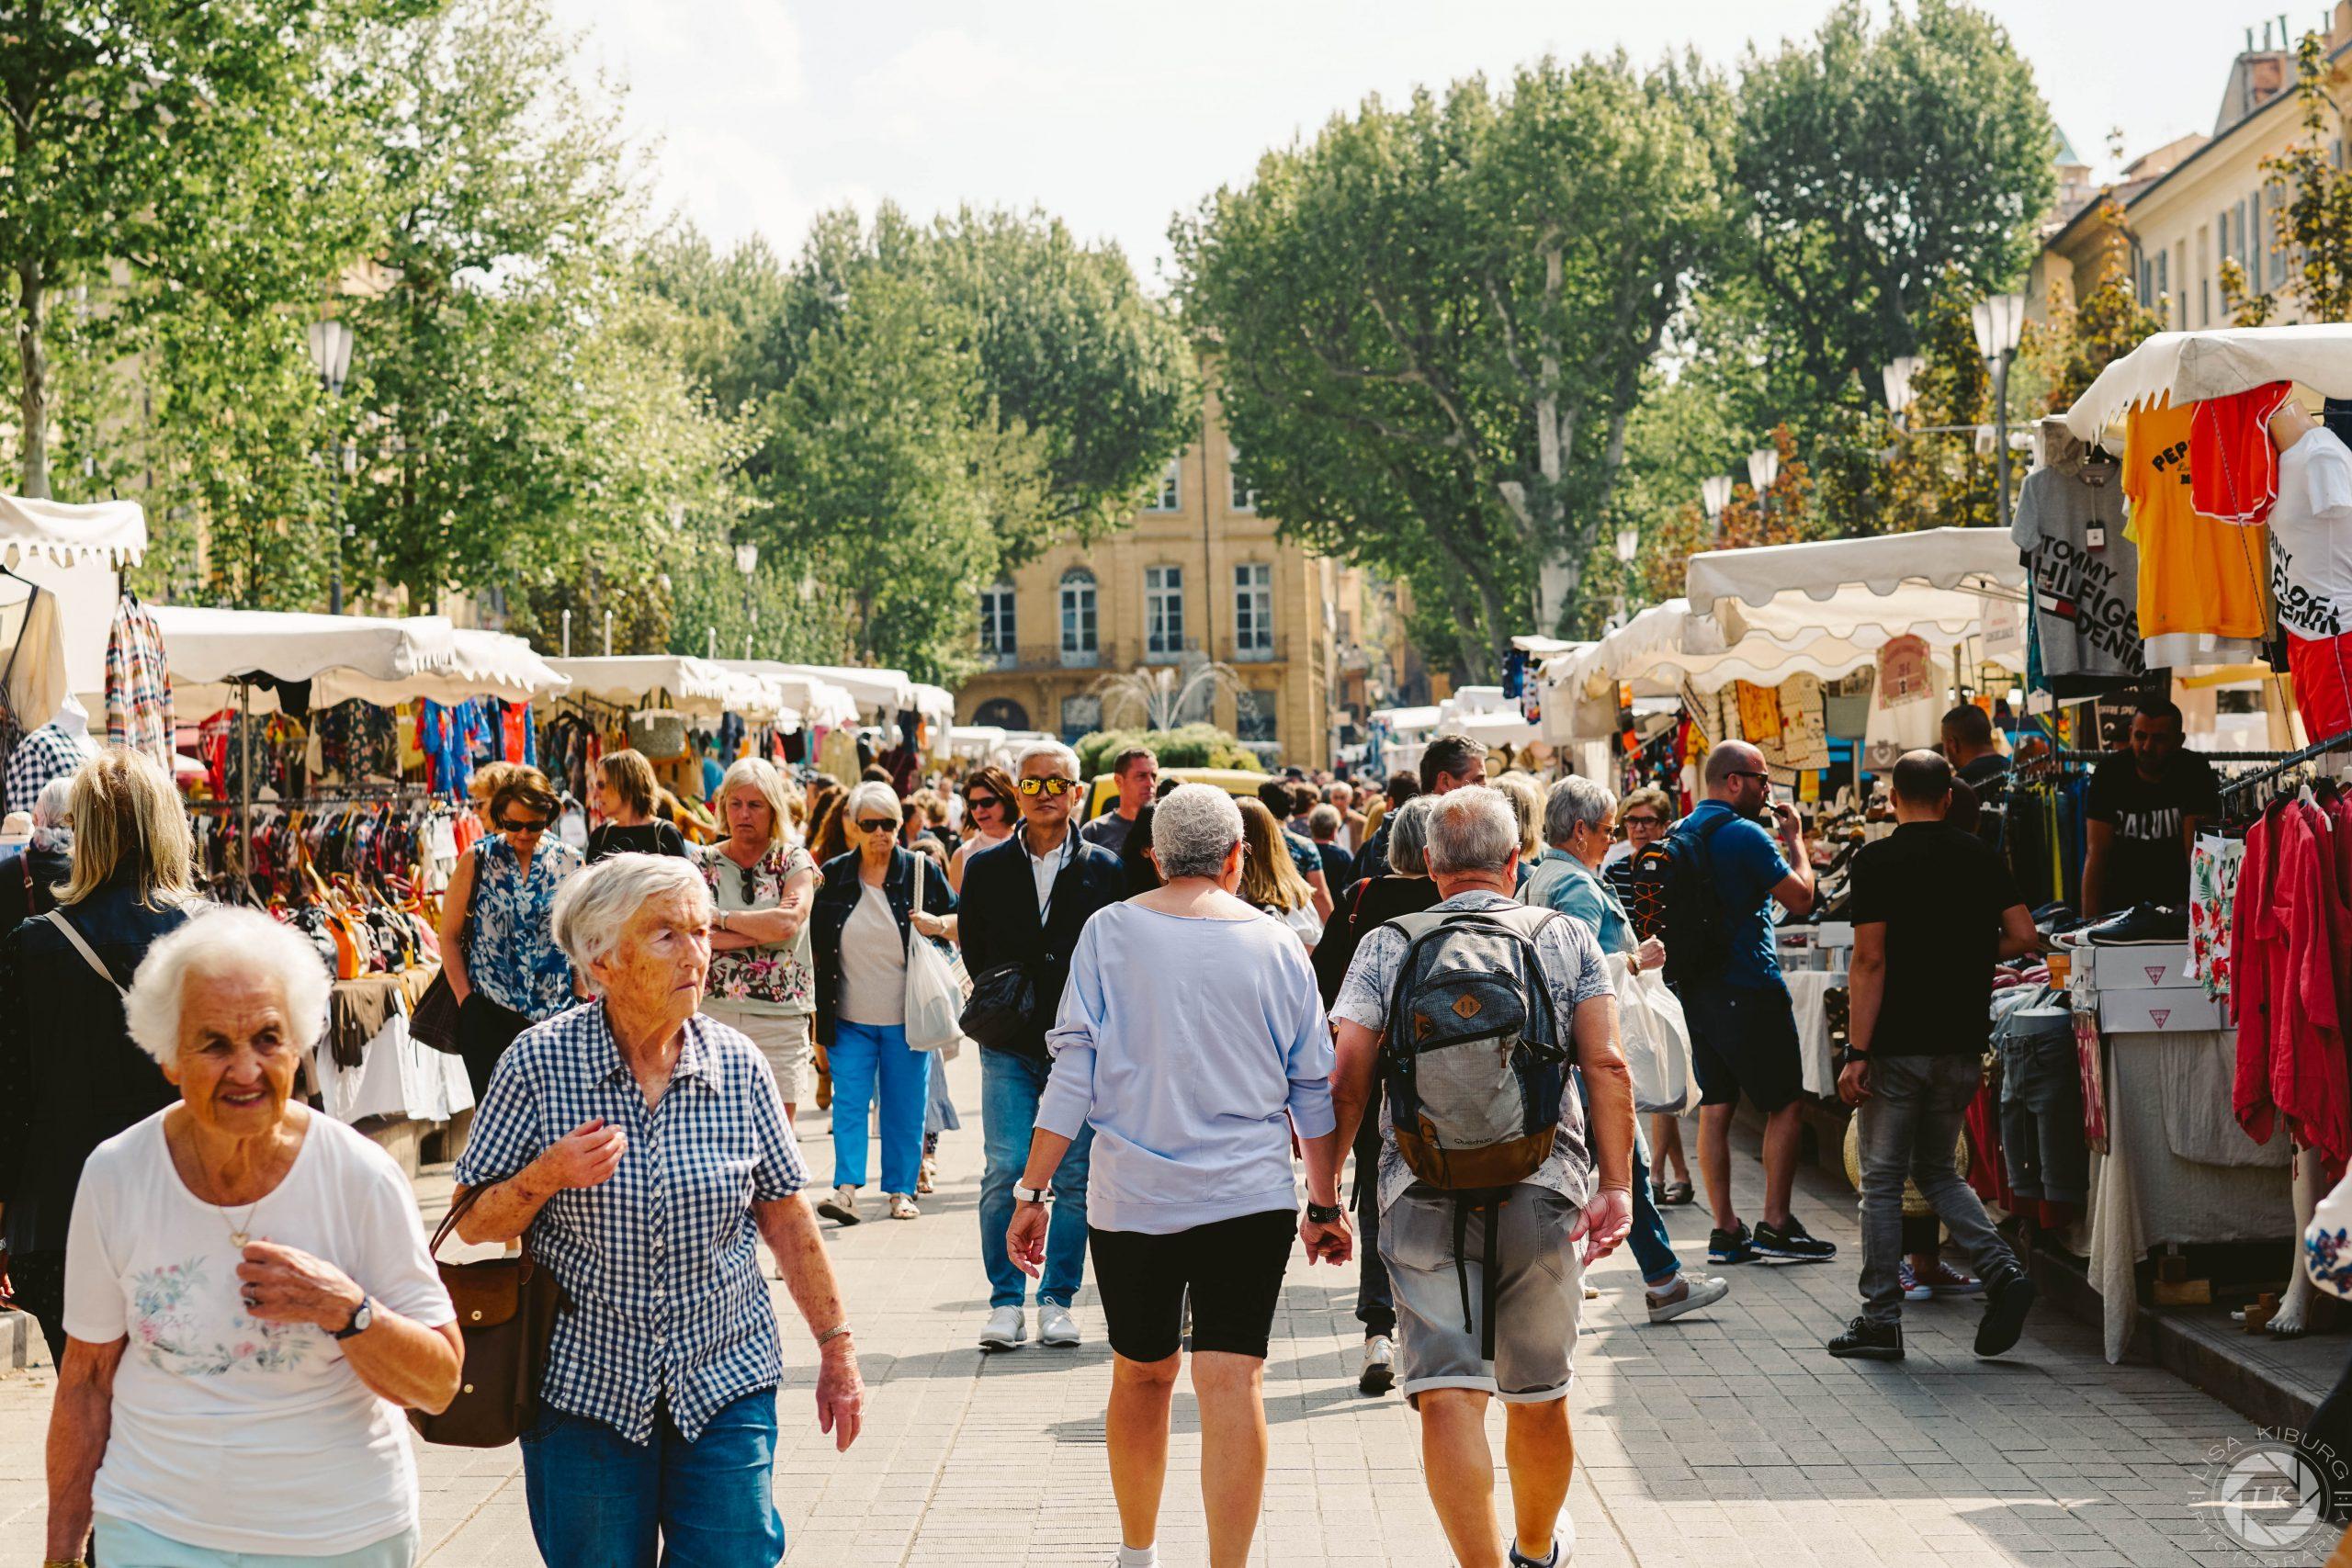 Market Aix-en-Provence